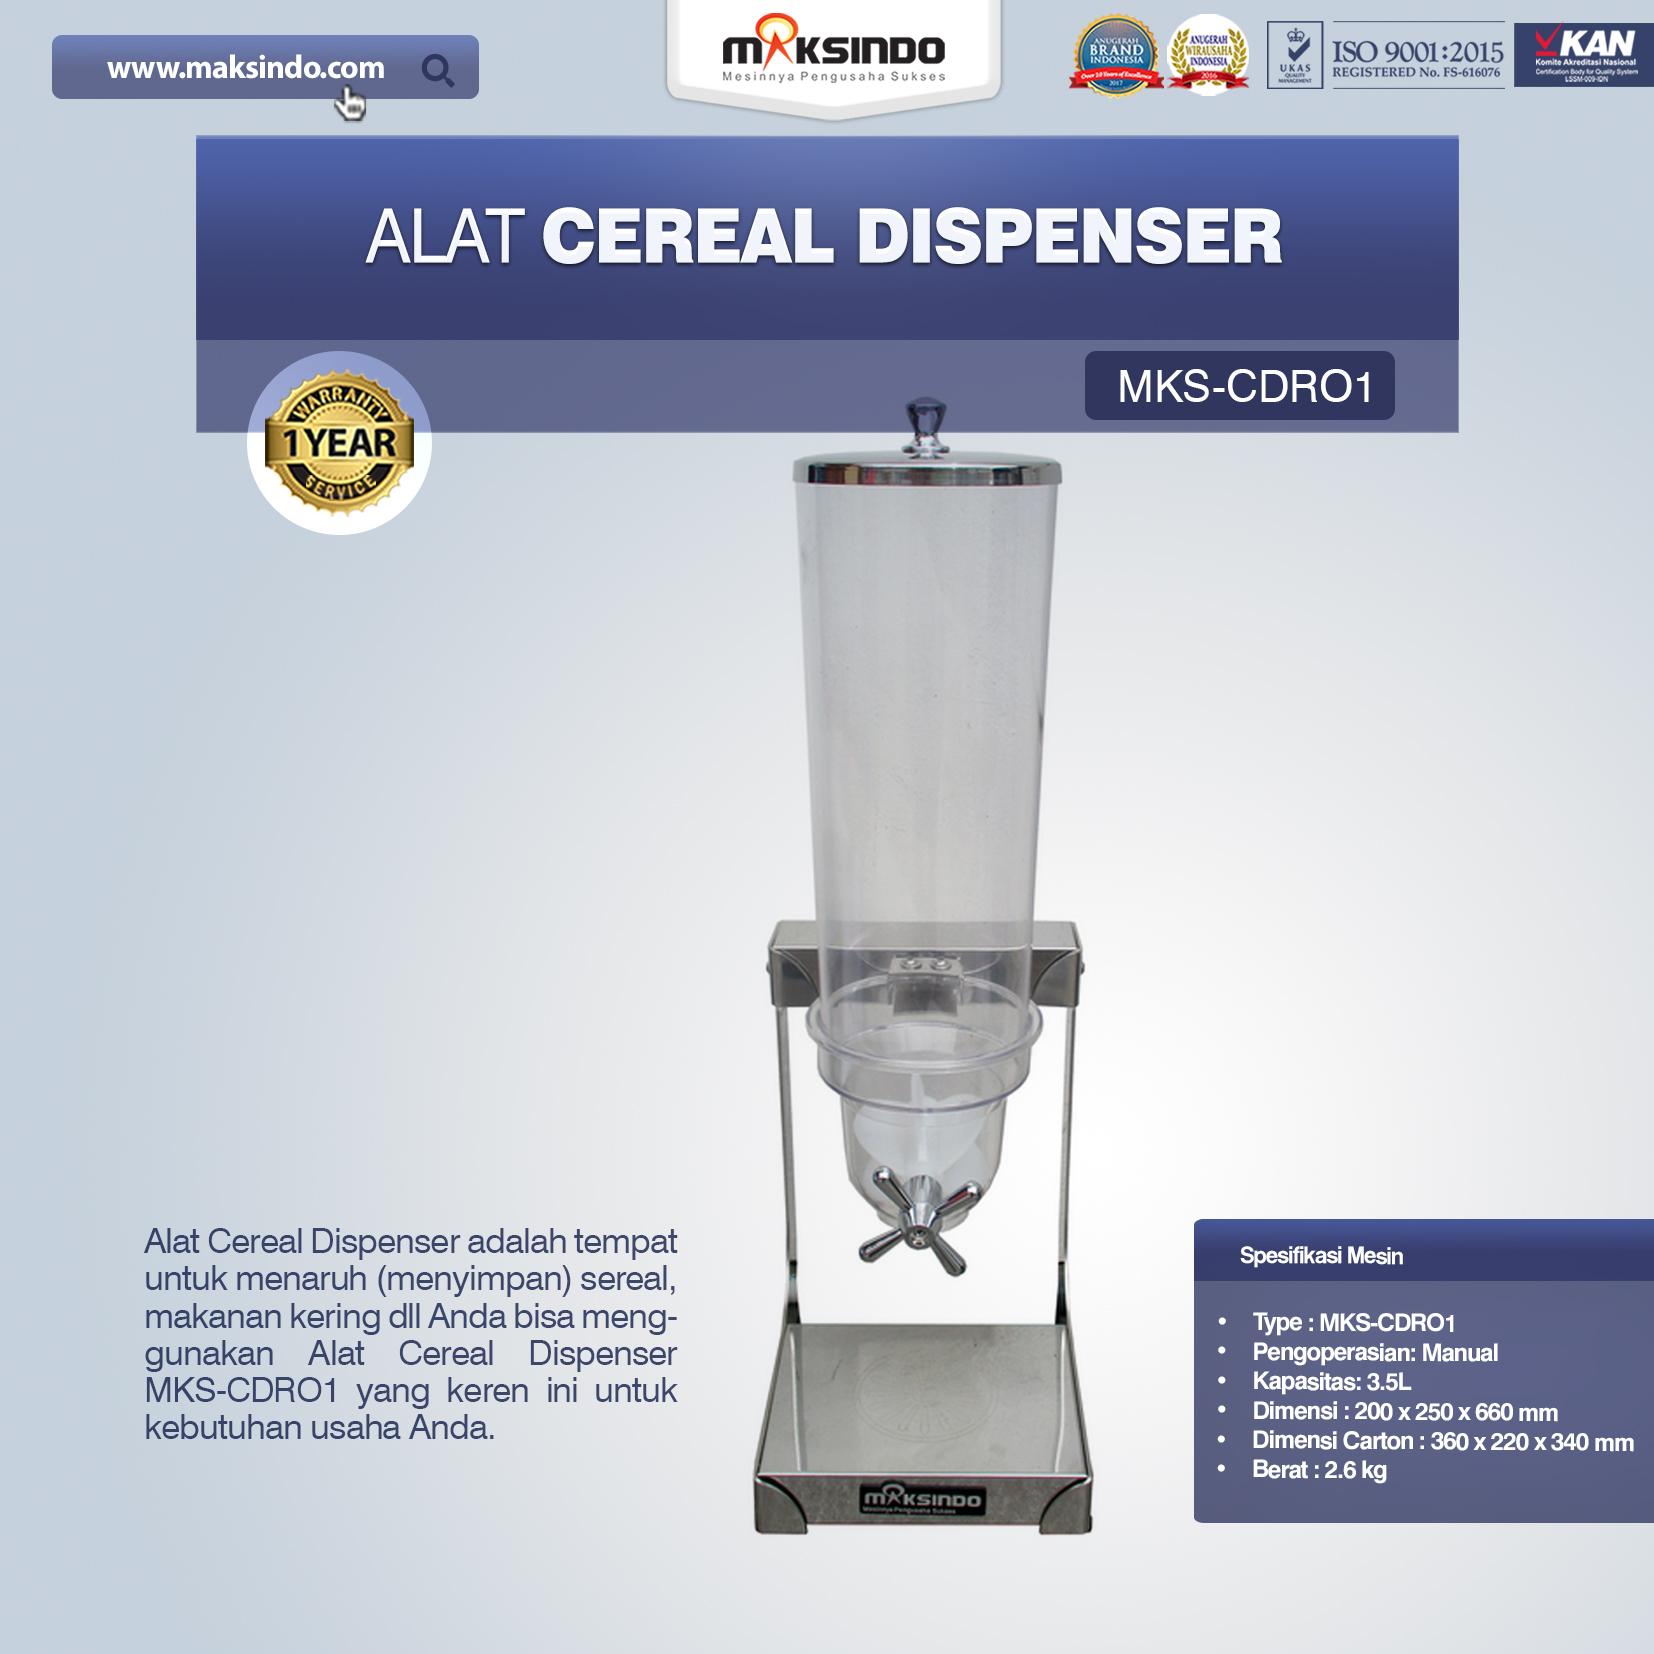 Jual Alat Cereal Dispenser MKS-CDR01 di Tangerang